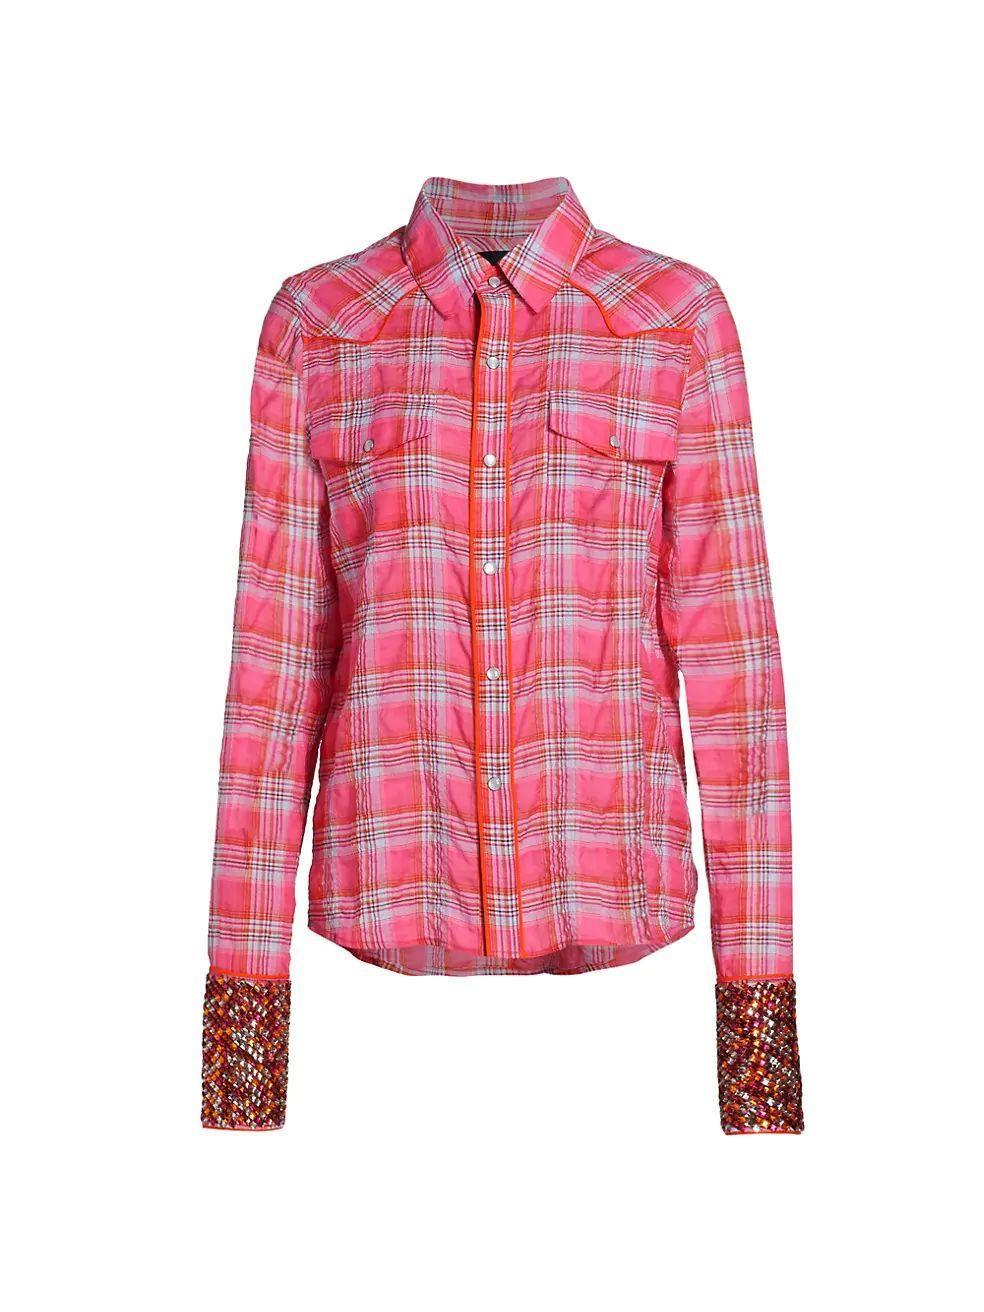 Stone Embellished Cowboy Shirt